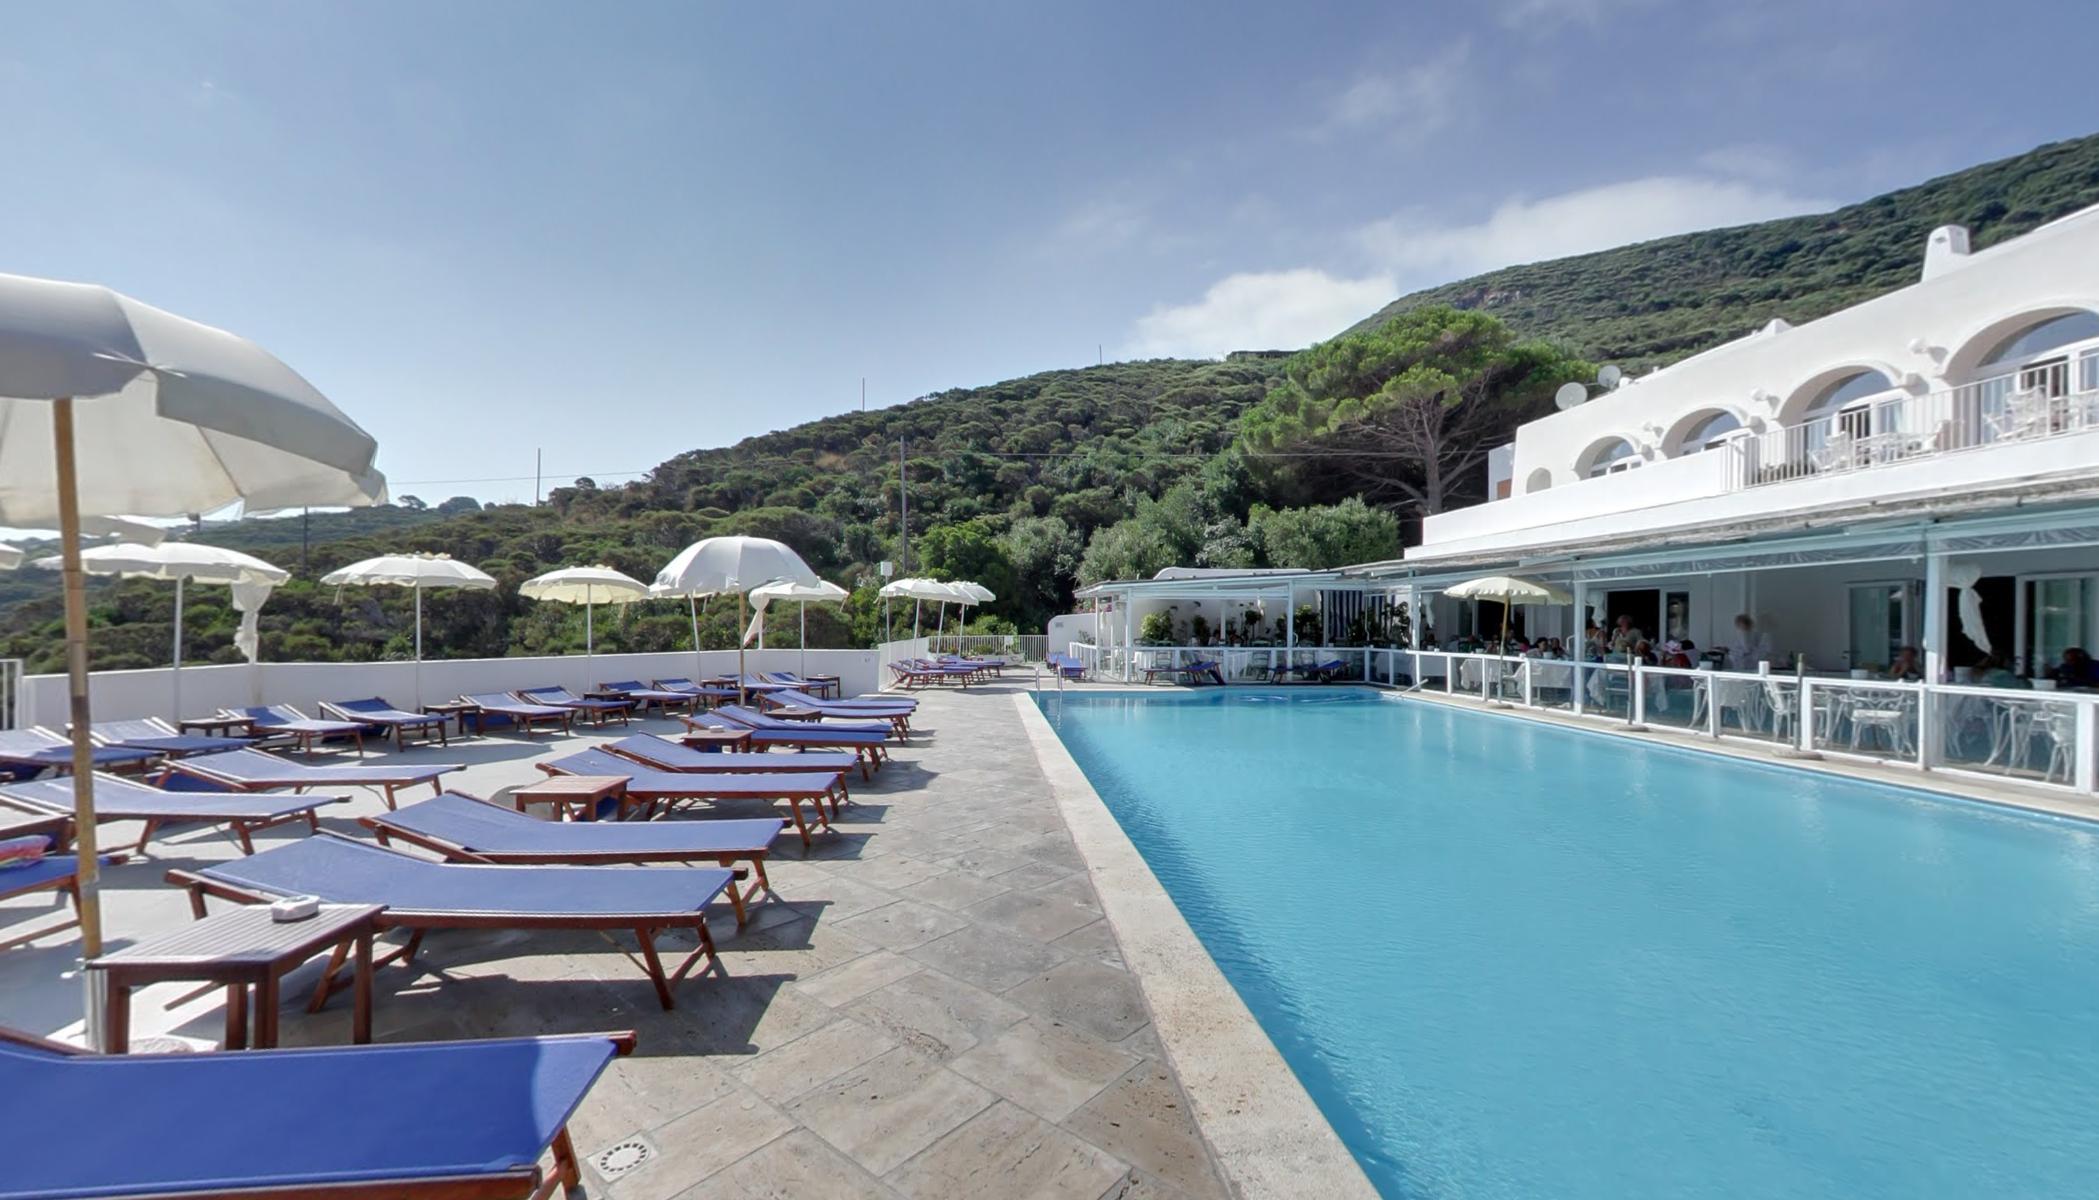 Piscine A Nocera Inferiore solarium piscina con acqua di mare(hotel chiaia di luna